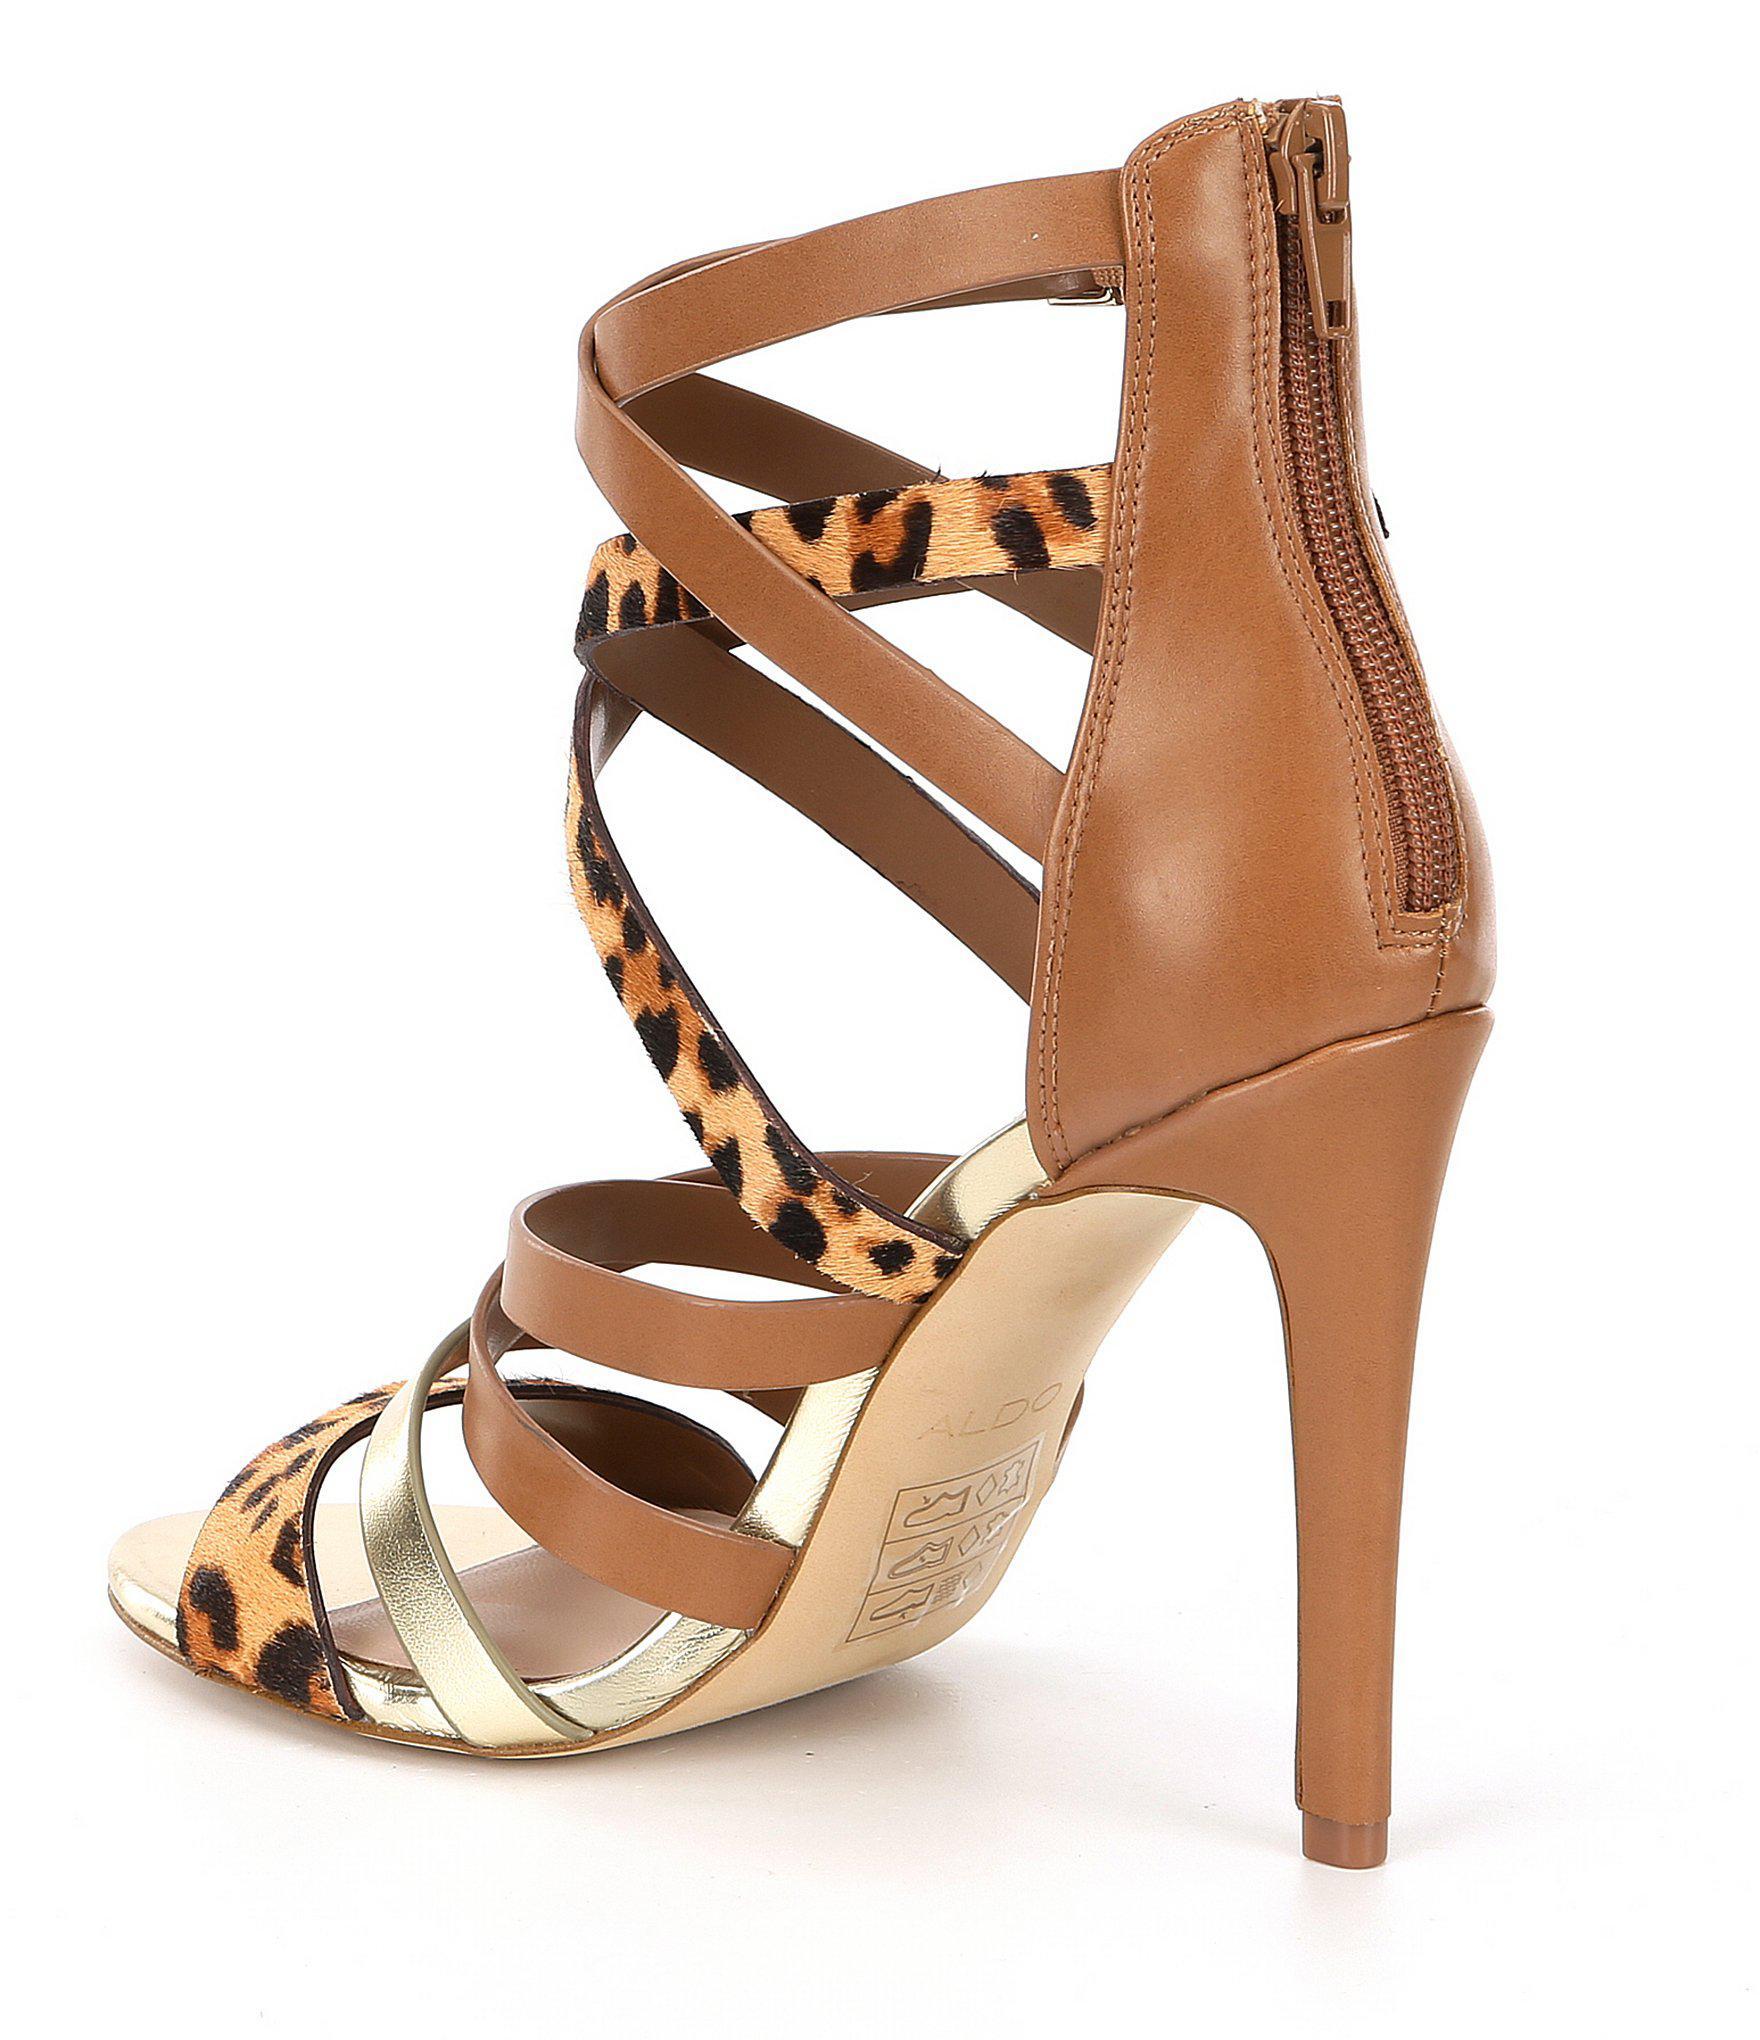 b0b834a3750b Lyst - ALDO Valecia Leopard Print Caged Dress Sandals in Brown